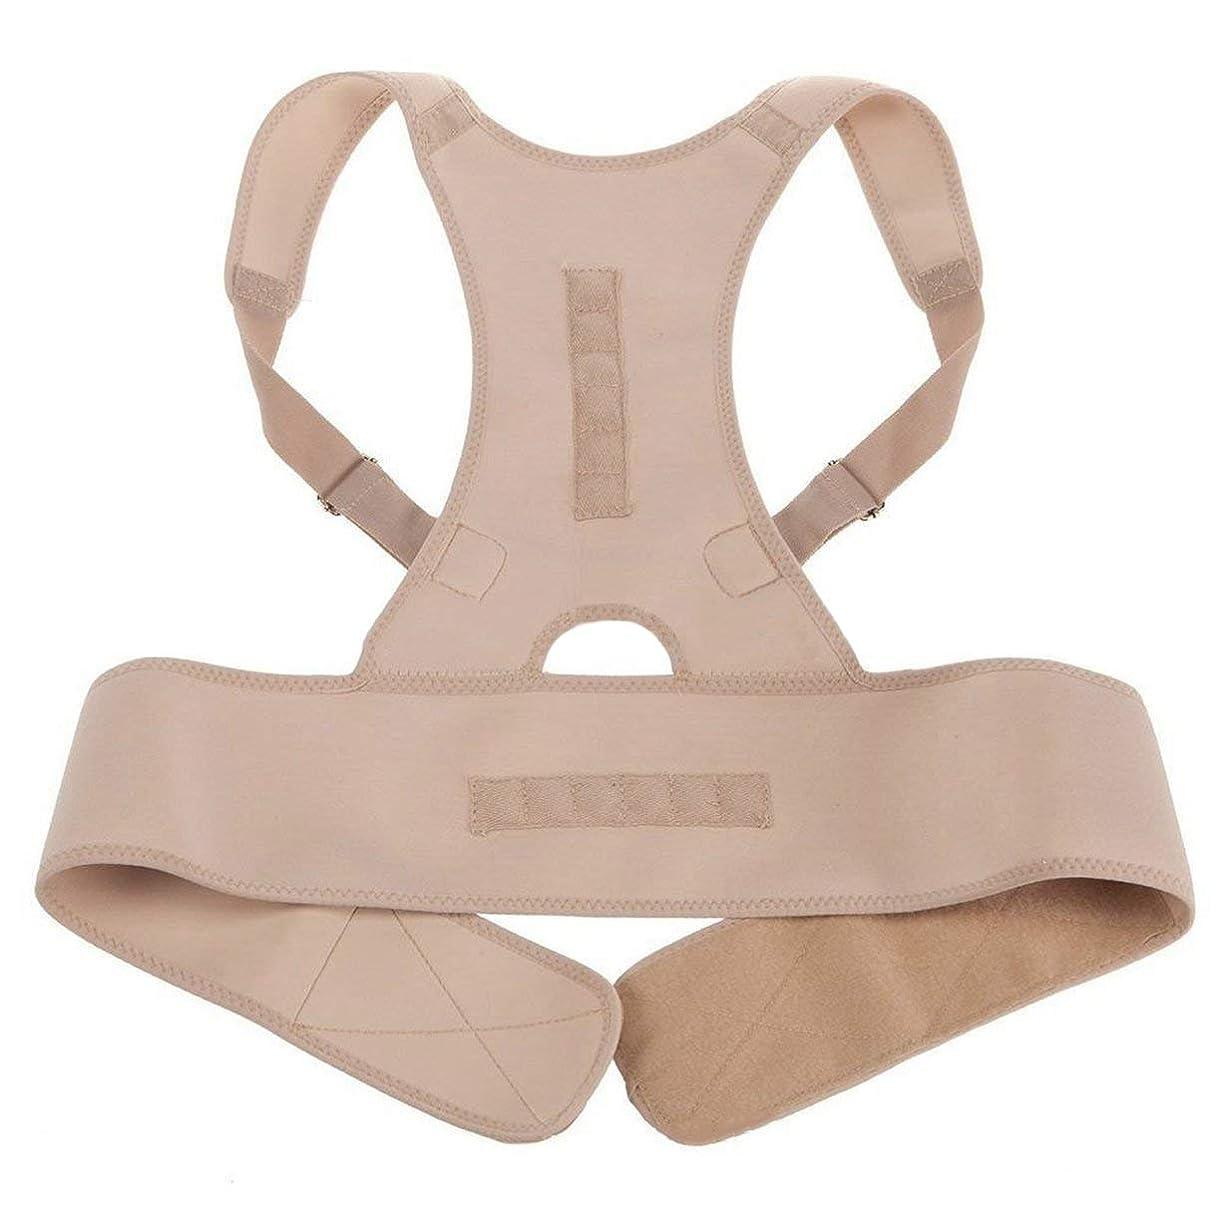 社会主義不実回転させるネオプレン磁気姿勢補正器バッドバック腰椎肩サポート腰痛ブレースバンドベルトユニセックス快適な服装 - ブラック2 XL